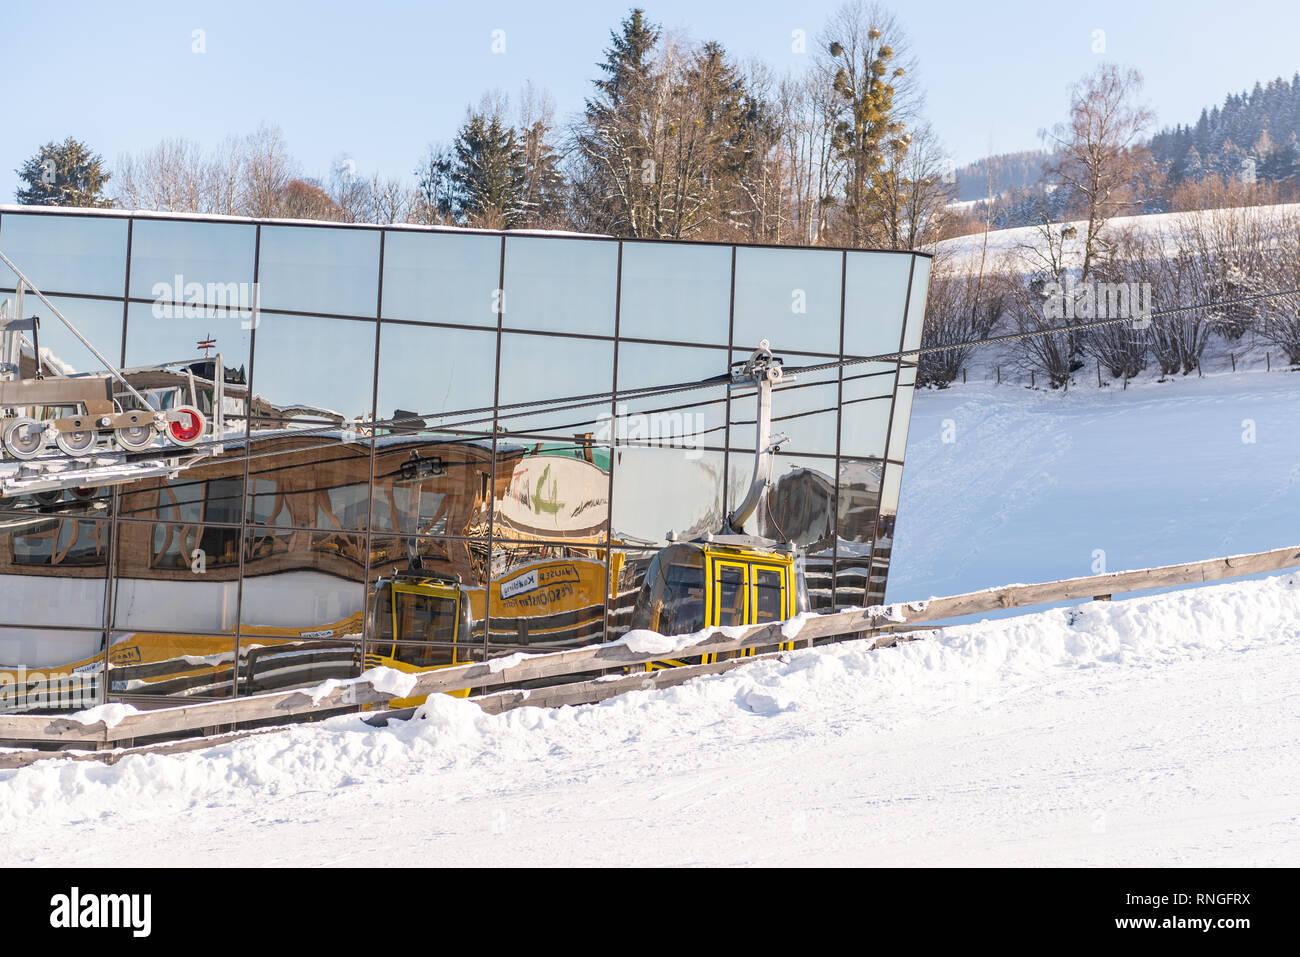 Skigebiet Hauser Kaibling in Österreich Top Skigebiete: 44 Lifte, 123 km Pisten, Parkplatz, Schladminger 4-Berge miteinander verbunden Stockbild